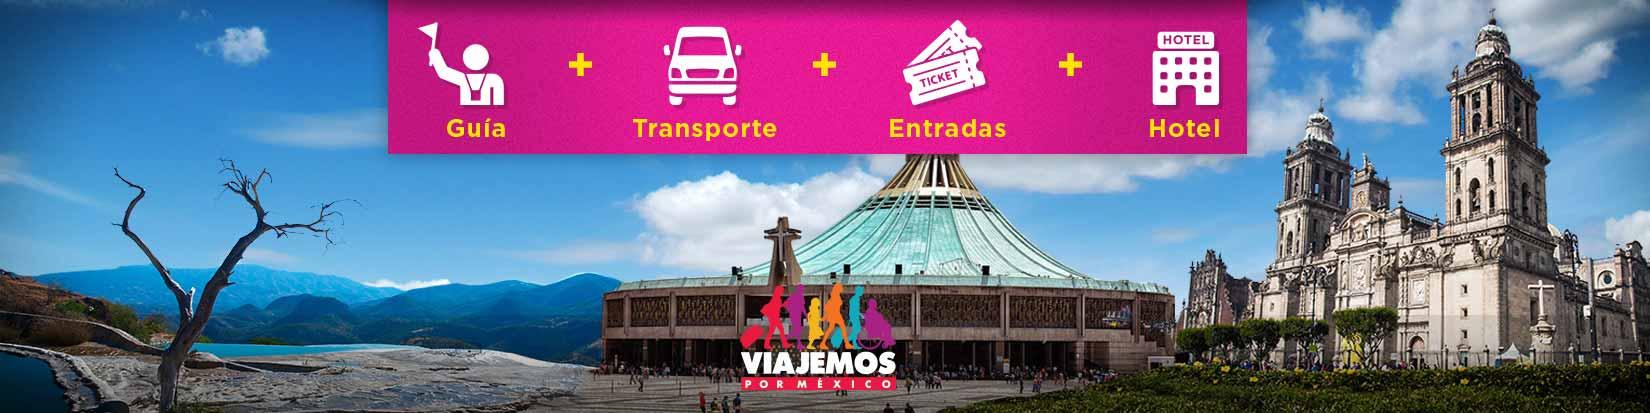 Paquetes Oaxaca hasta 11 Días de Viaje